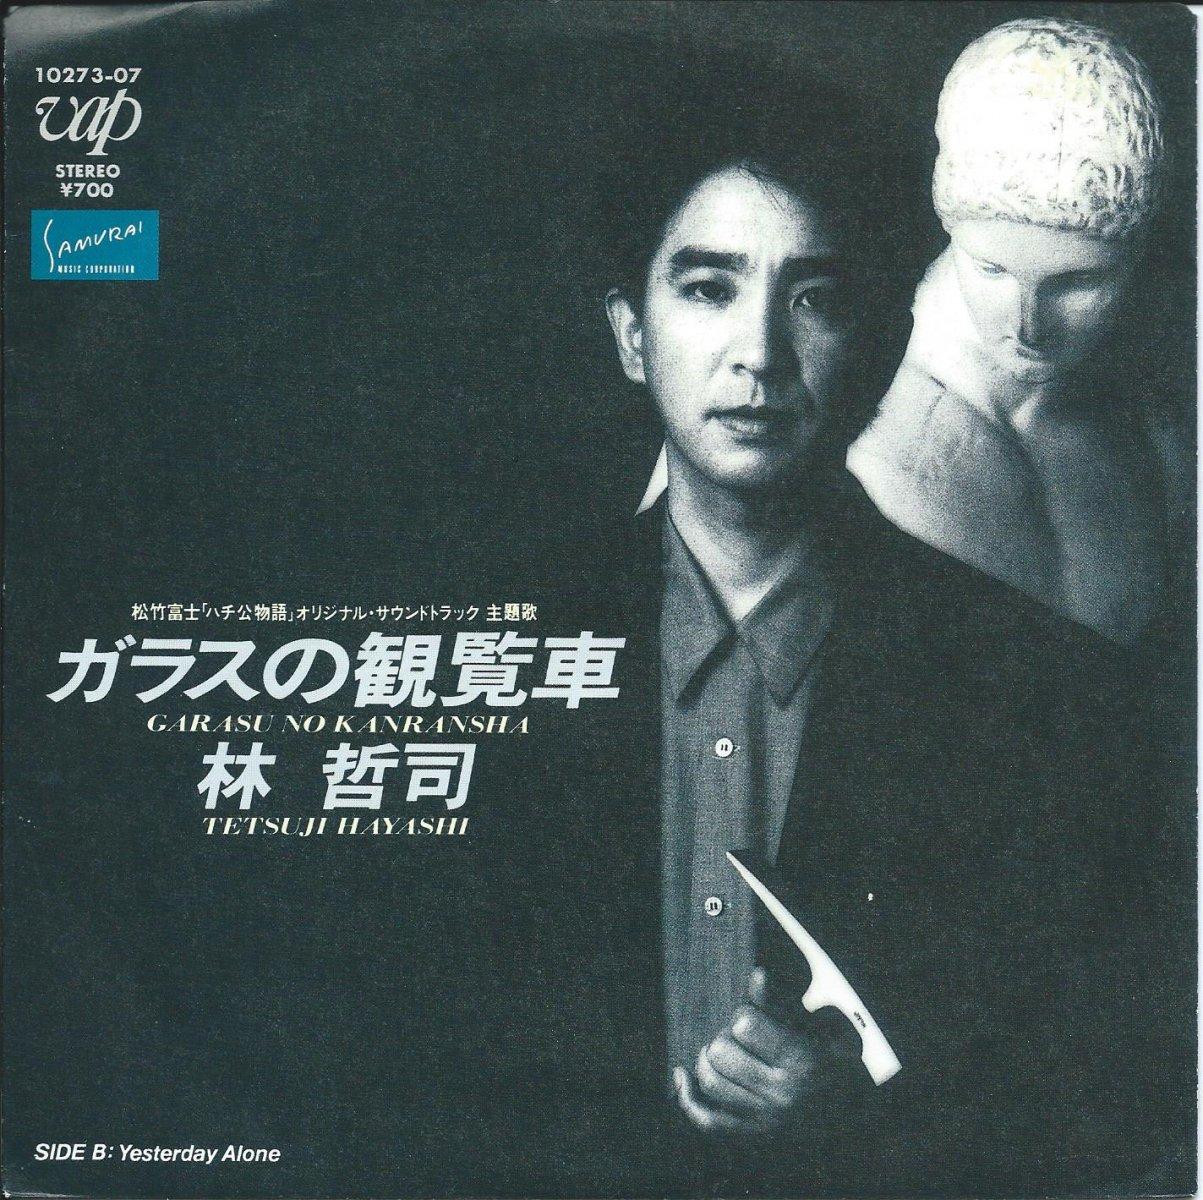 林哲司 HAYASHI TETSUJI / ガラスの観覧車 / YESTERDAY ALONE (7